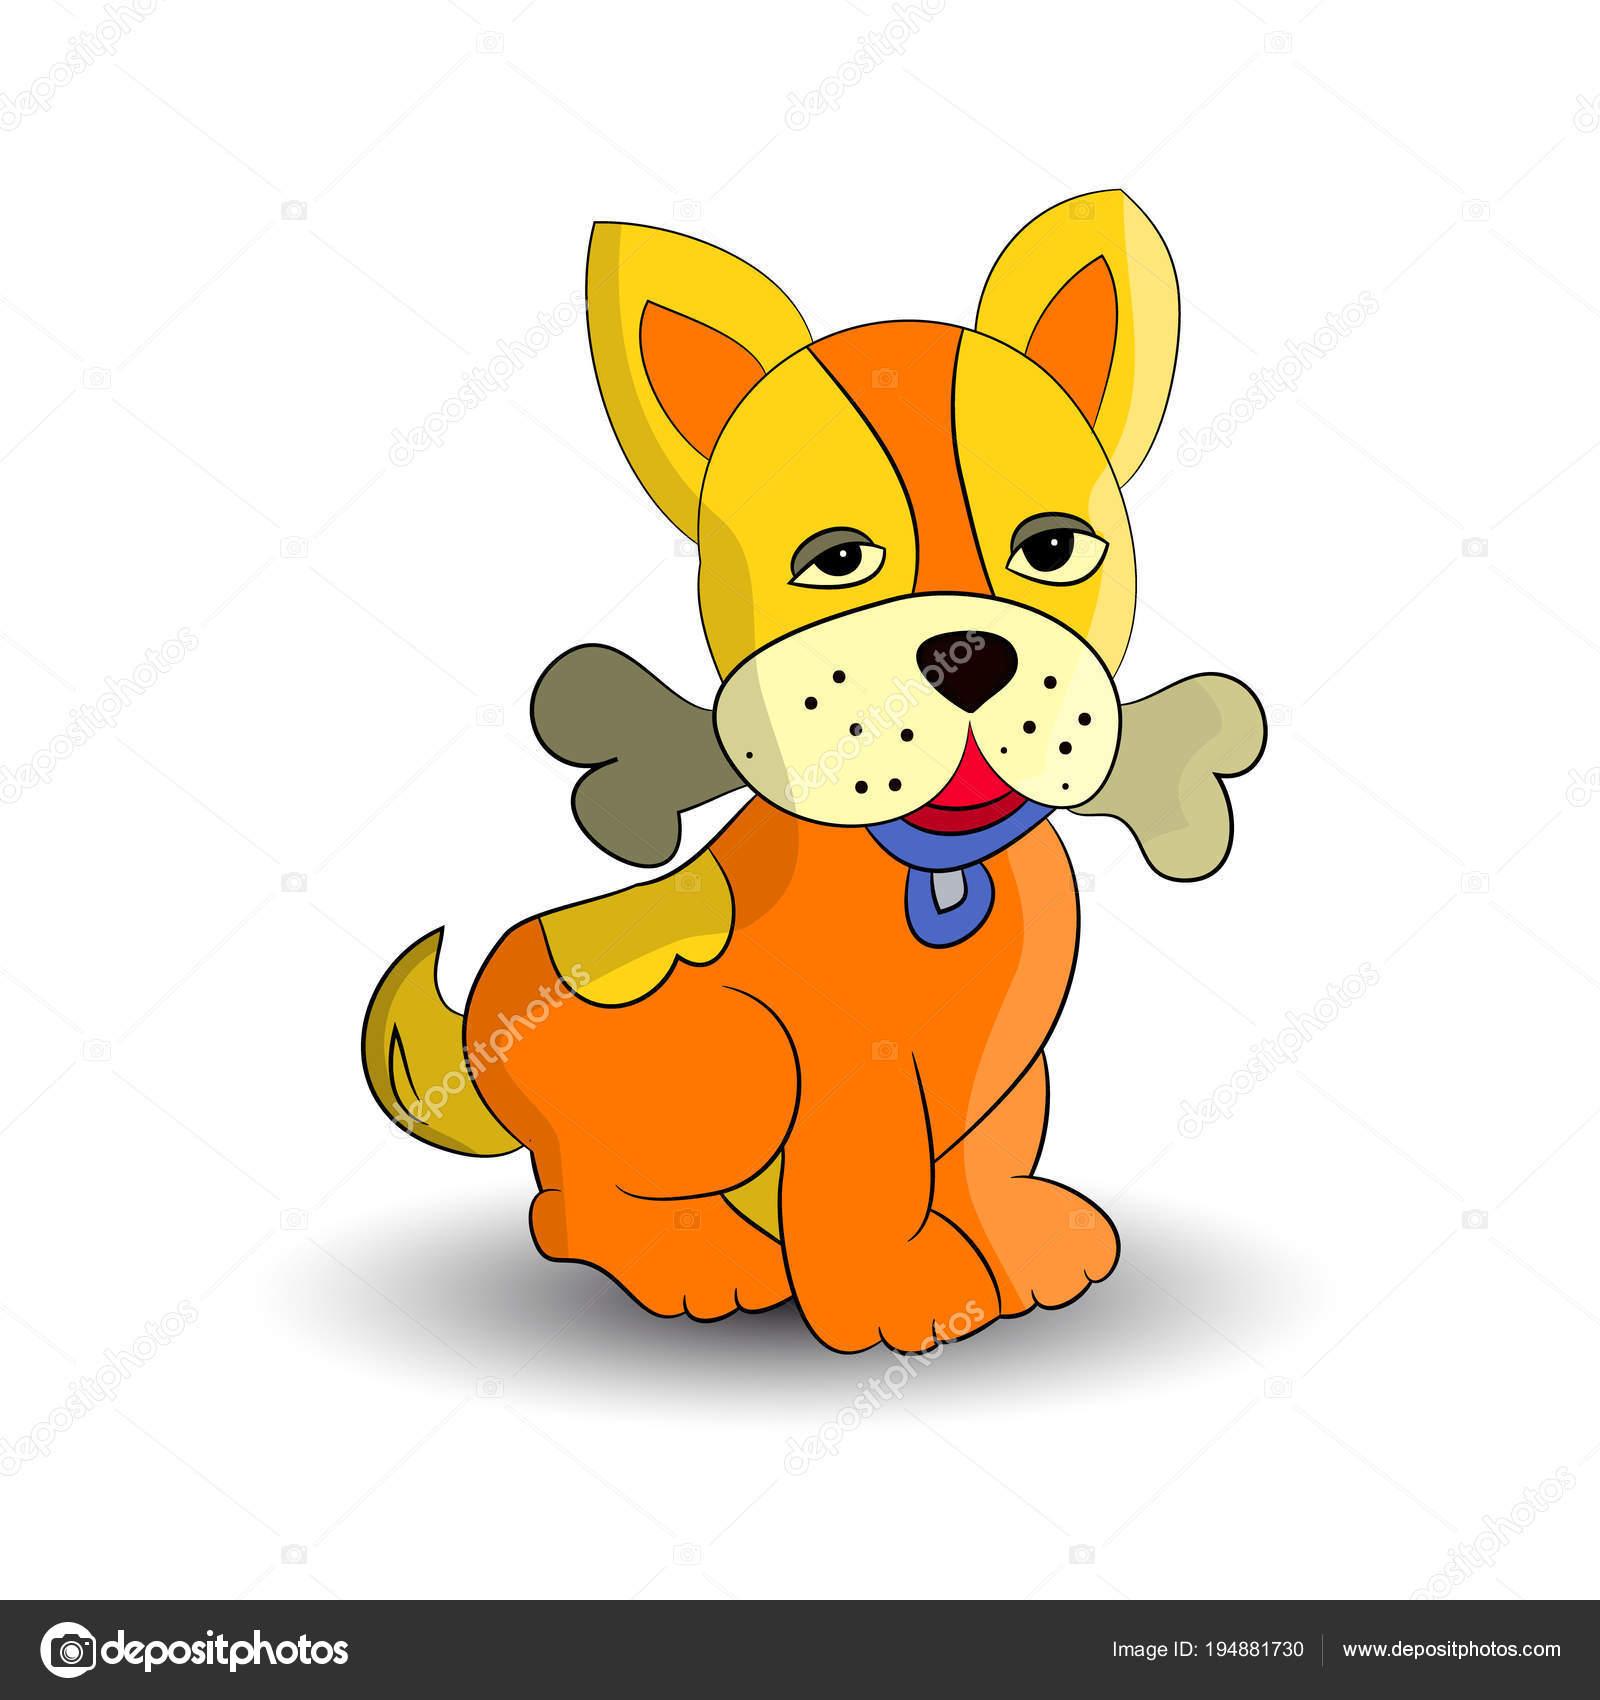 Dessin Humoristique Chien symbole nouvelle année 2018 orange chien tenant dans les dents